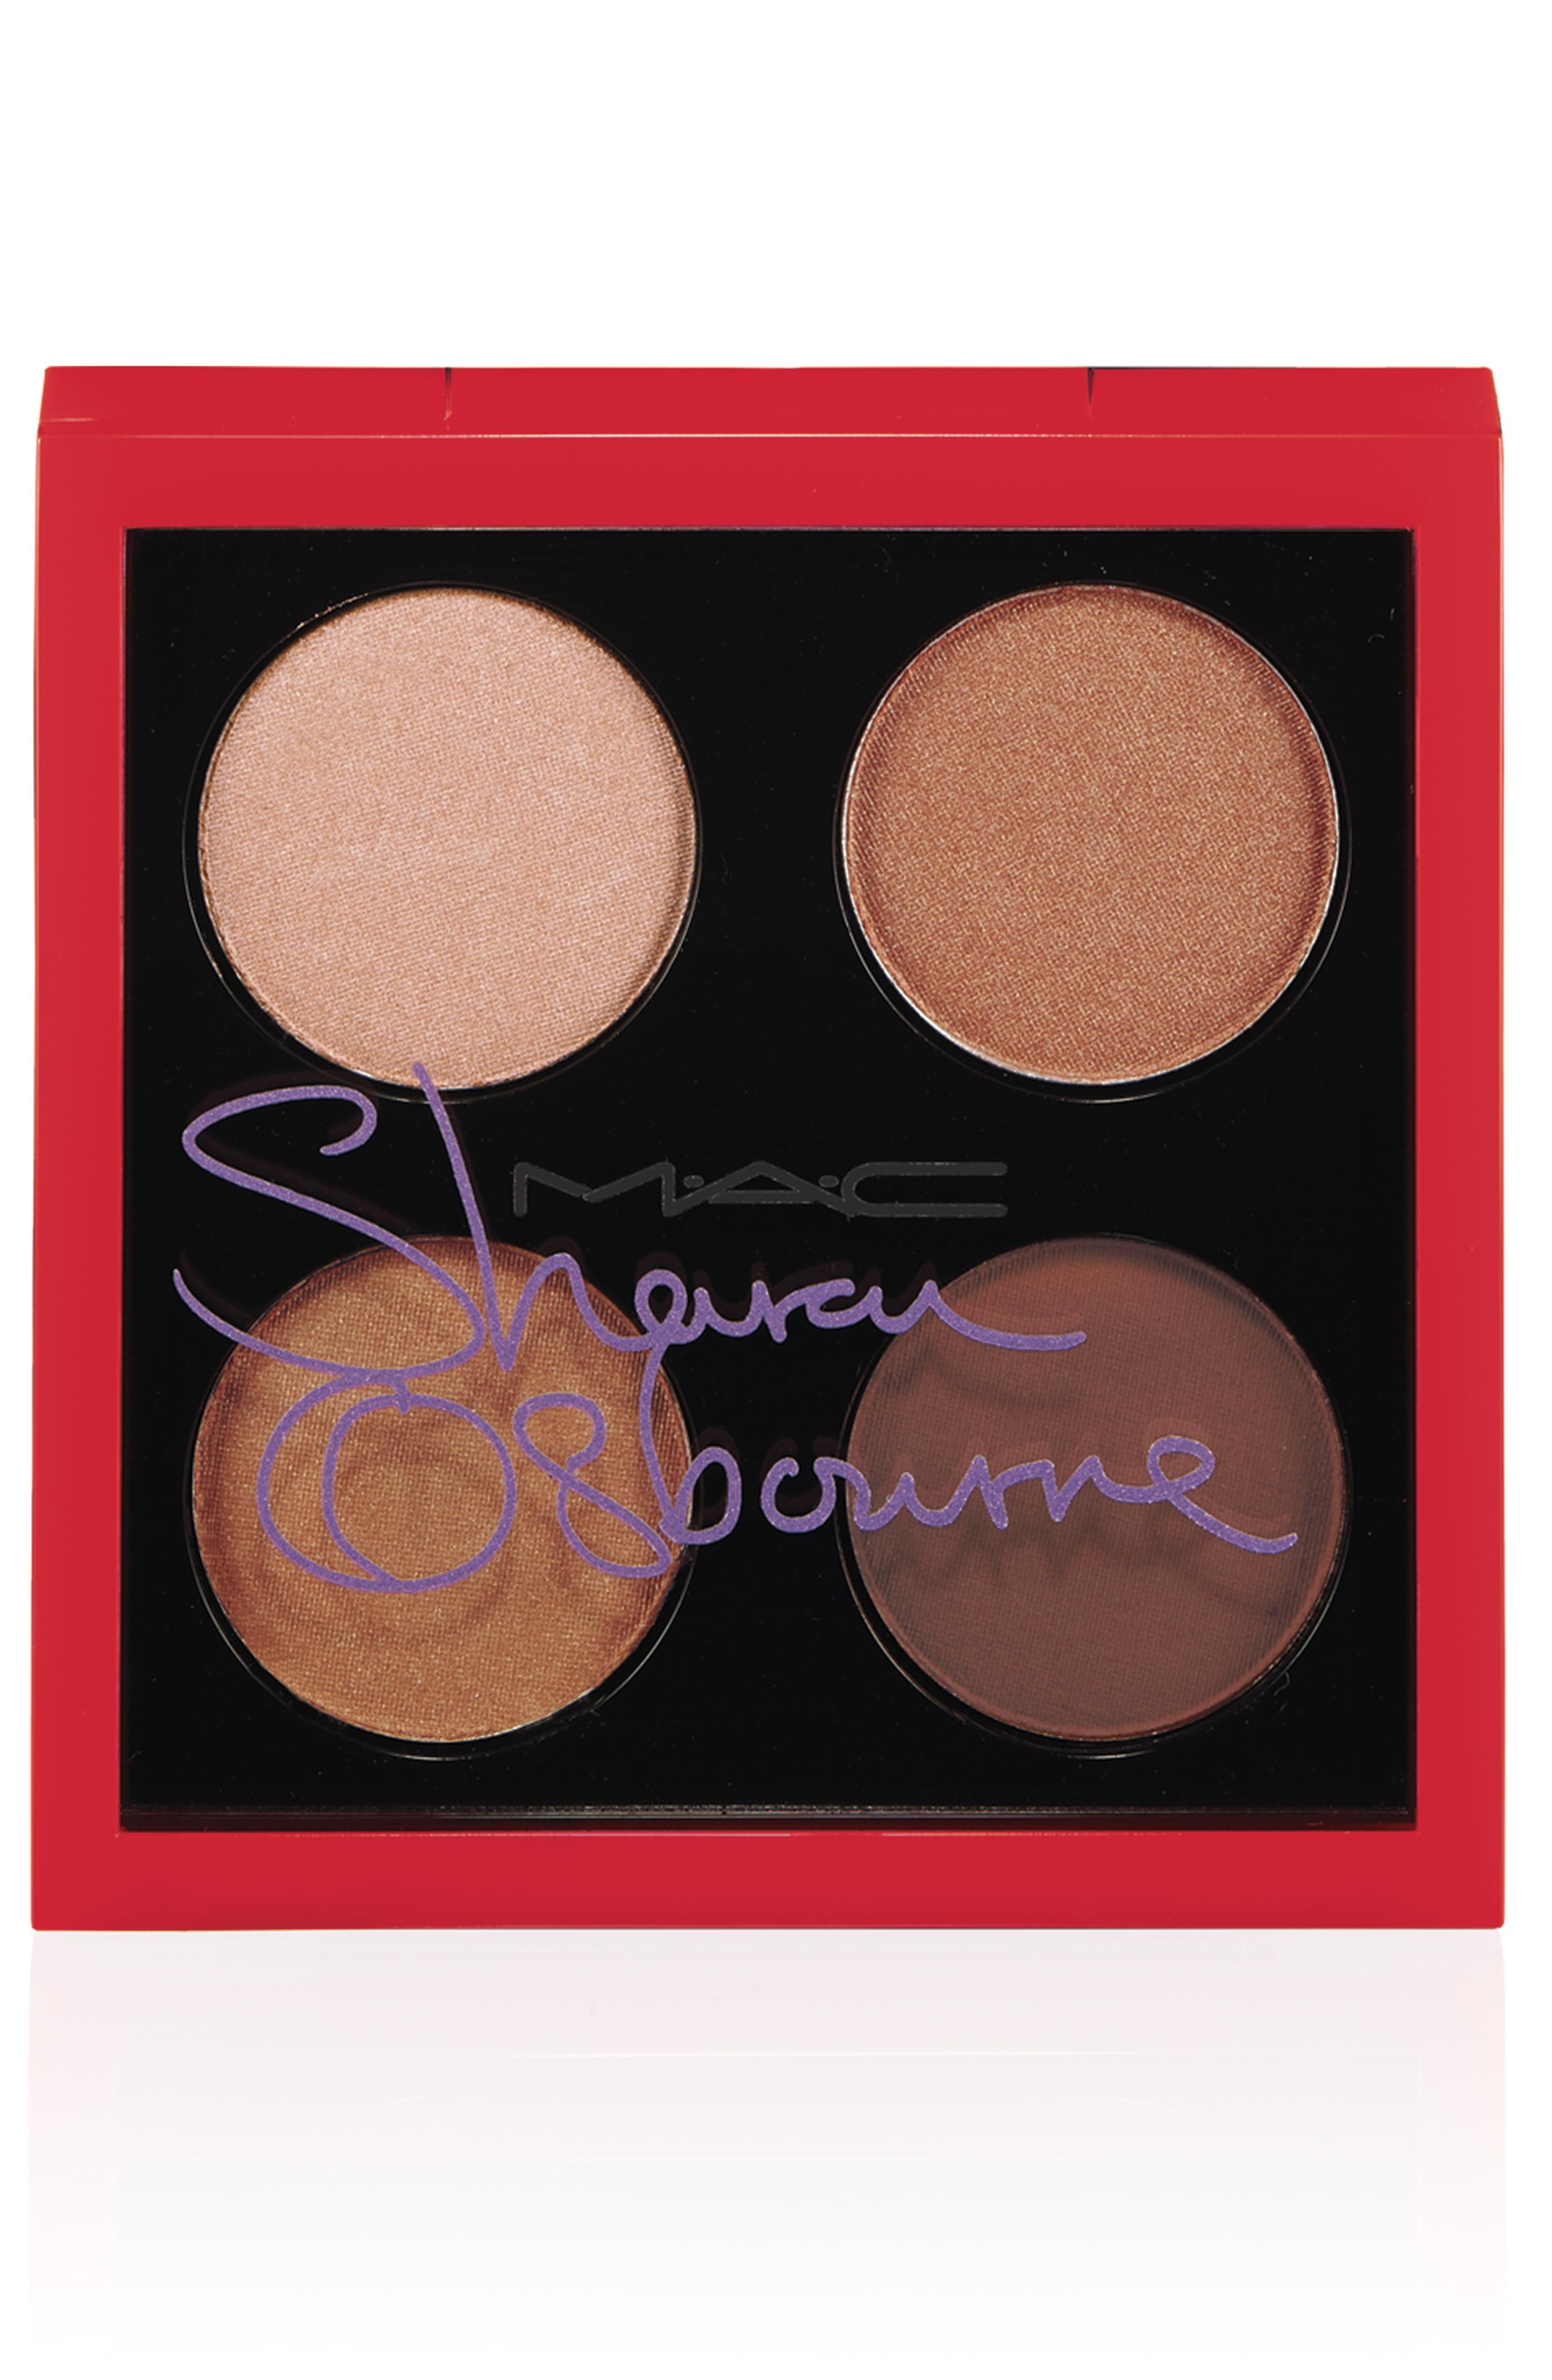 M.A.C. Sharon Osbourne Duchess eye shadow quad